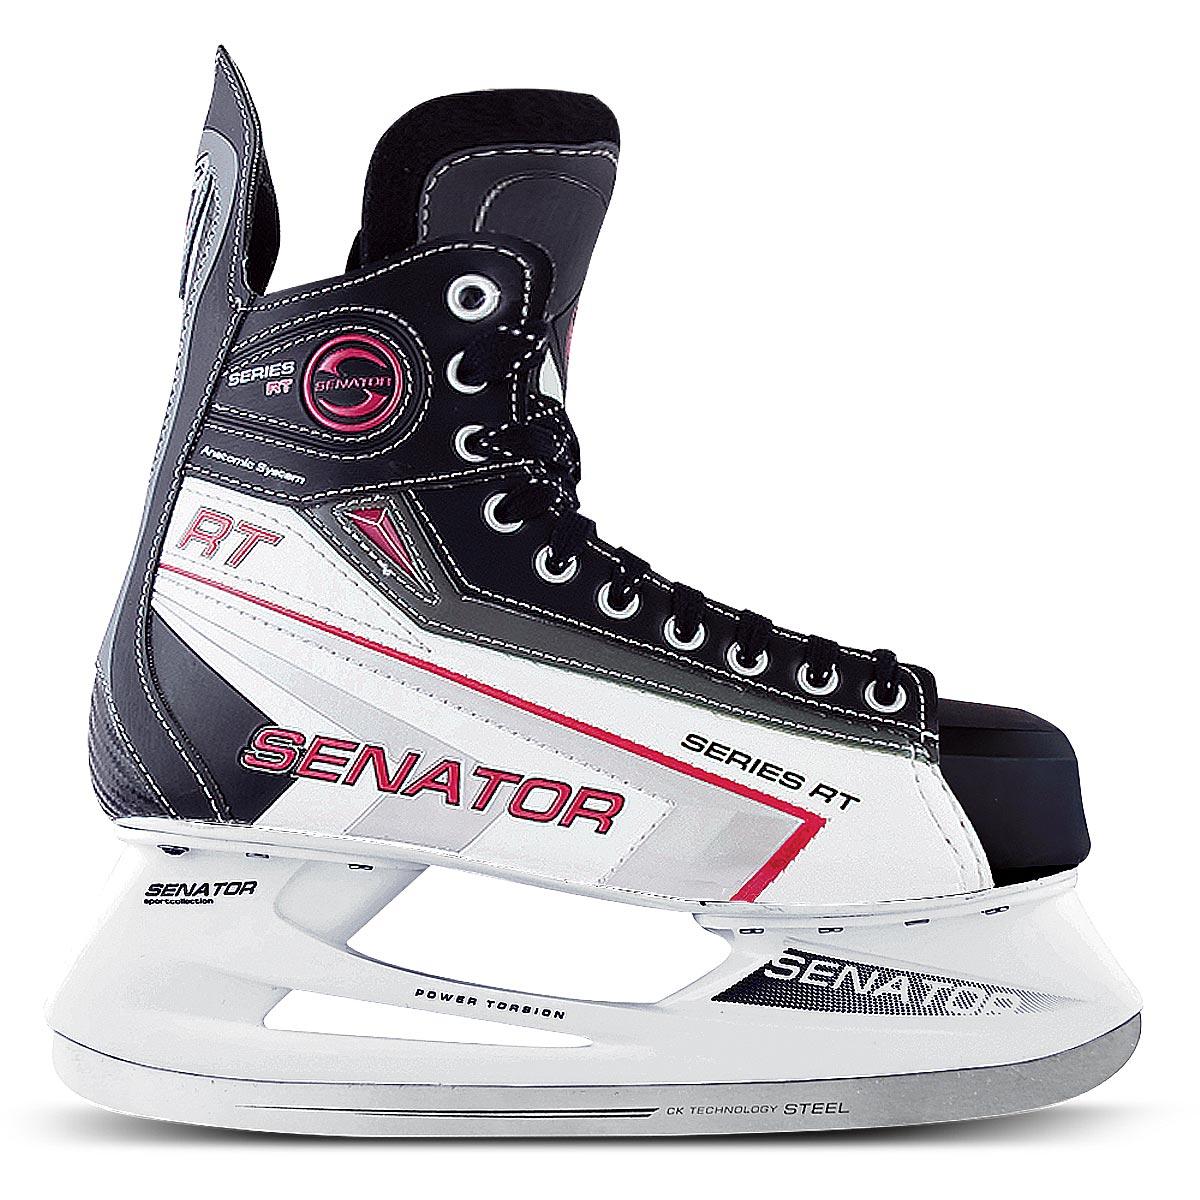 Коньки хоккейные мужские Senator RTSENATOR RTСтильные коньки от CK прекрасно подойдут для начинающих игроков в хоккей. Ботинок выполнен из морозоустойчивой искусственной кожи и ПВХ. Мыс дополнен вставкой, которая защитит ноги от ударов. Внутренний слой и стелька изготовлены из мягкого вельвета, который обеспечит тепло и комфорт во время катания, язычок - из войлока. Плотная шнуровка надежно фиксирует модель на ноге. Анатомический голеностоп имеет удобный суппорт. По верху коньки декорированы оригинальным принтом и тиснением в виде логотипа бренда. Подошва - из твердого пластика. Стойка выполнена из ударопрочного поливинилхлорида. Лезвие из нержавеющей стали обеспечит превосходное скольжение. Оригинальные коньки придутся вам по душе.